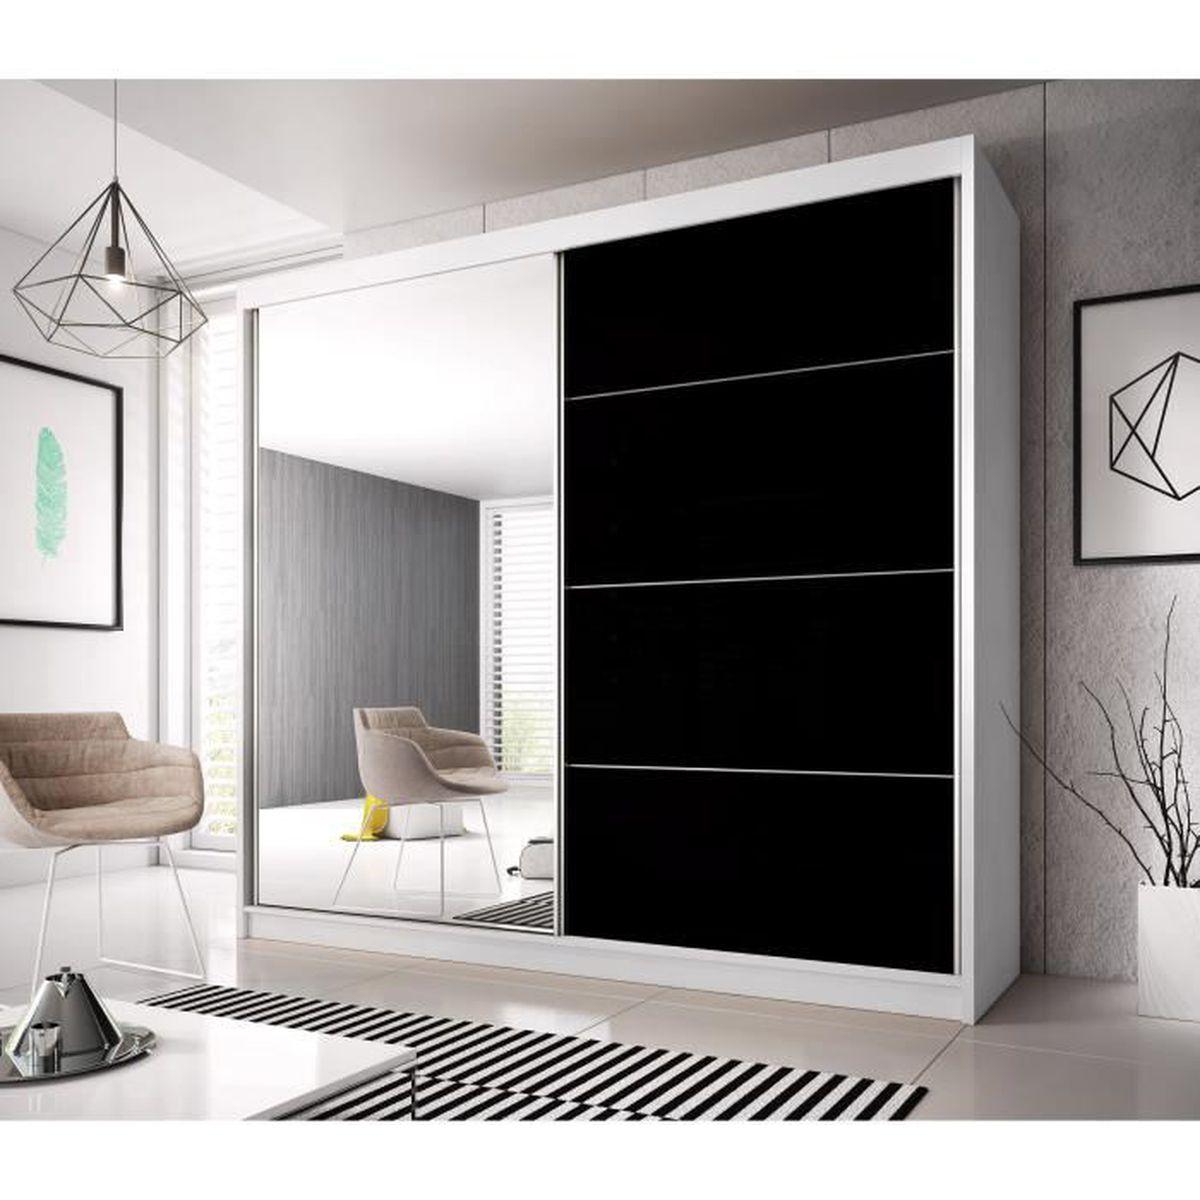 Armoire contemporaine 2 portes coulissantes Jackson - Achat / Vente ...